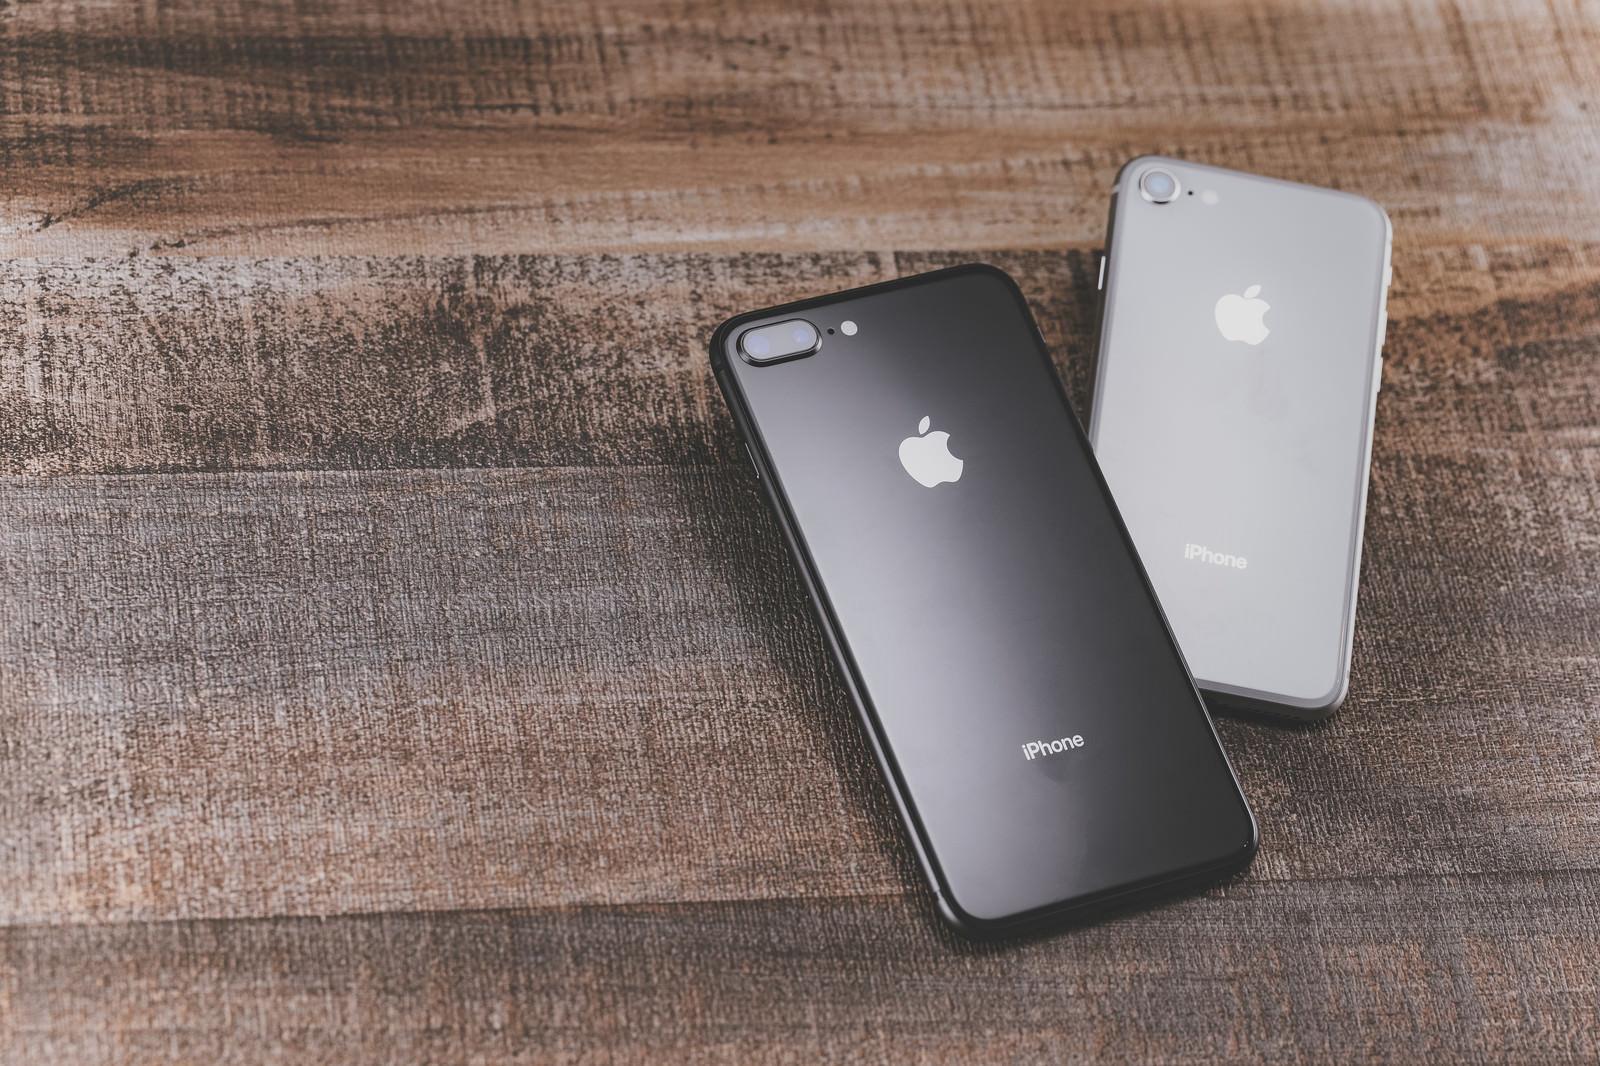 「ヴィンテージ感あるウッディーなテーブルに置かれたiPhoneヴィンテージ感あるウッディーなテーブルに置かれたiPhone」のフリー写真素材を拡大